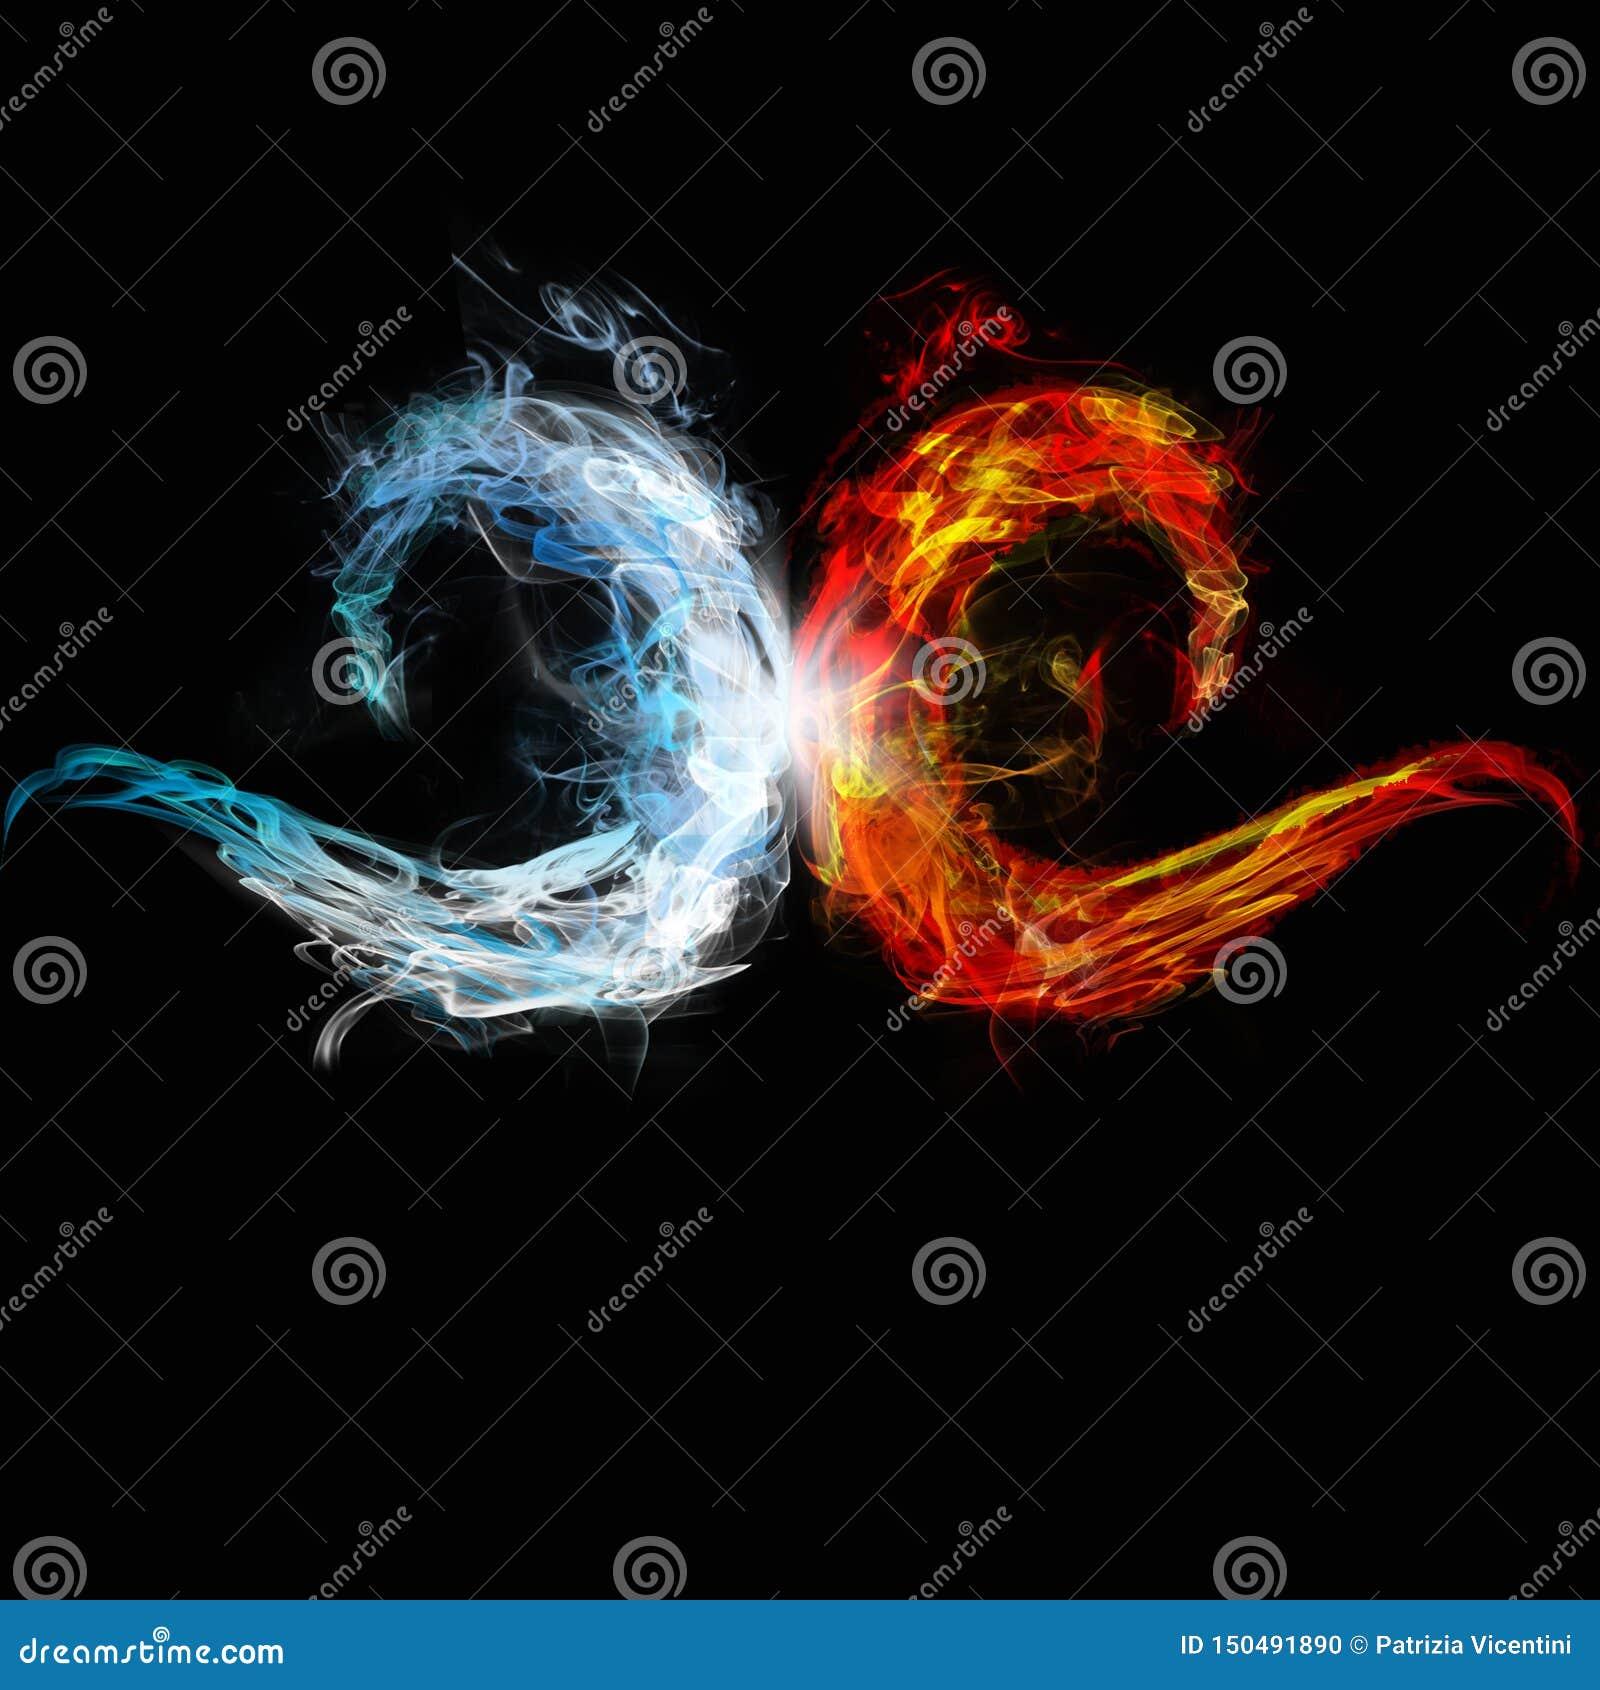 Δύο κύματα του πάγου και της πυρκαγιάς συναντιούνται